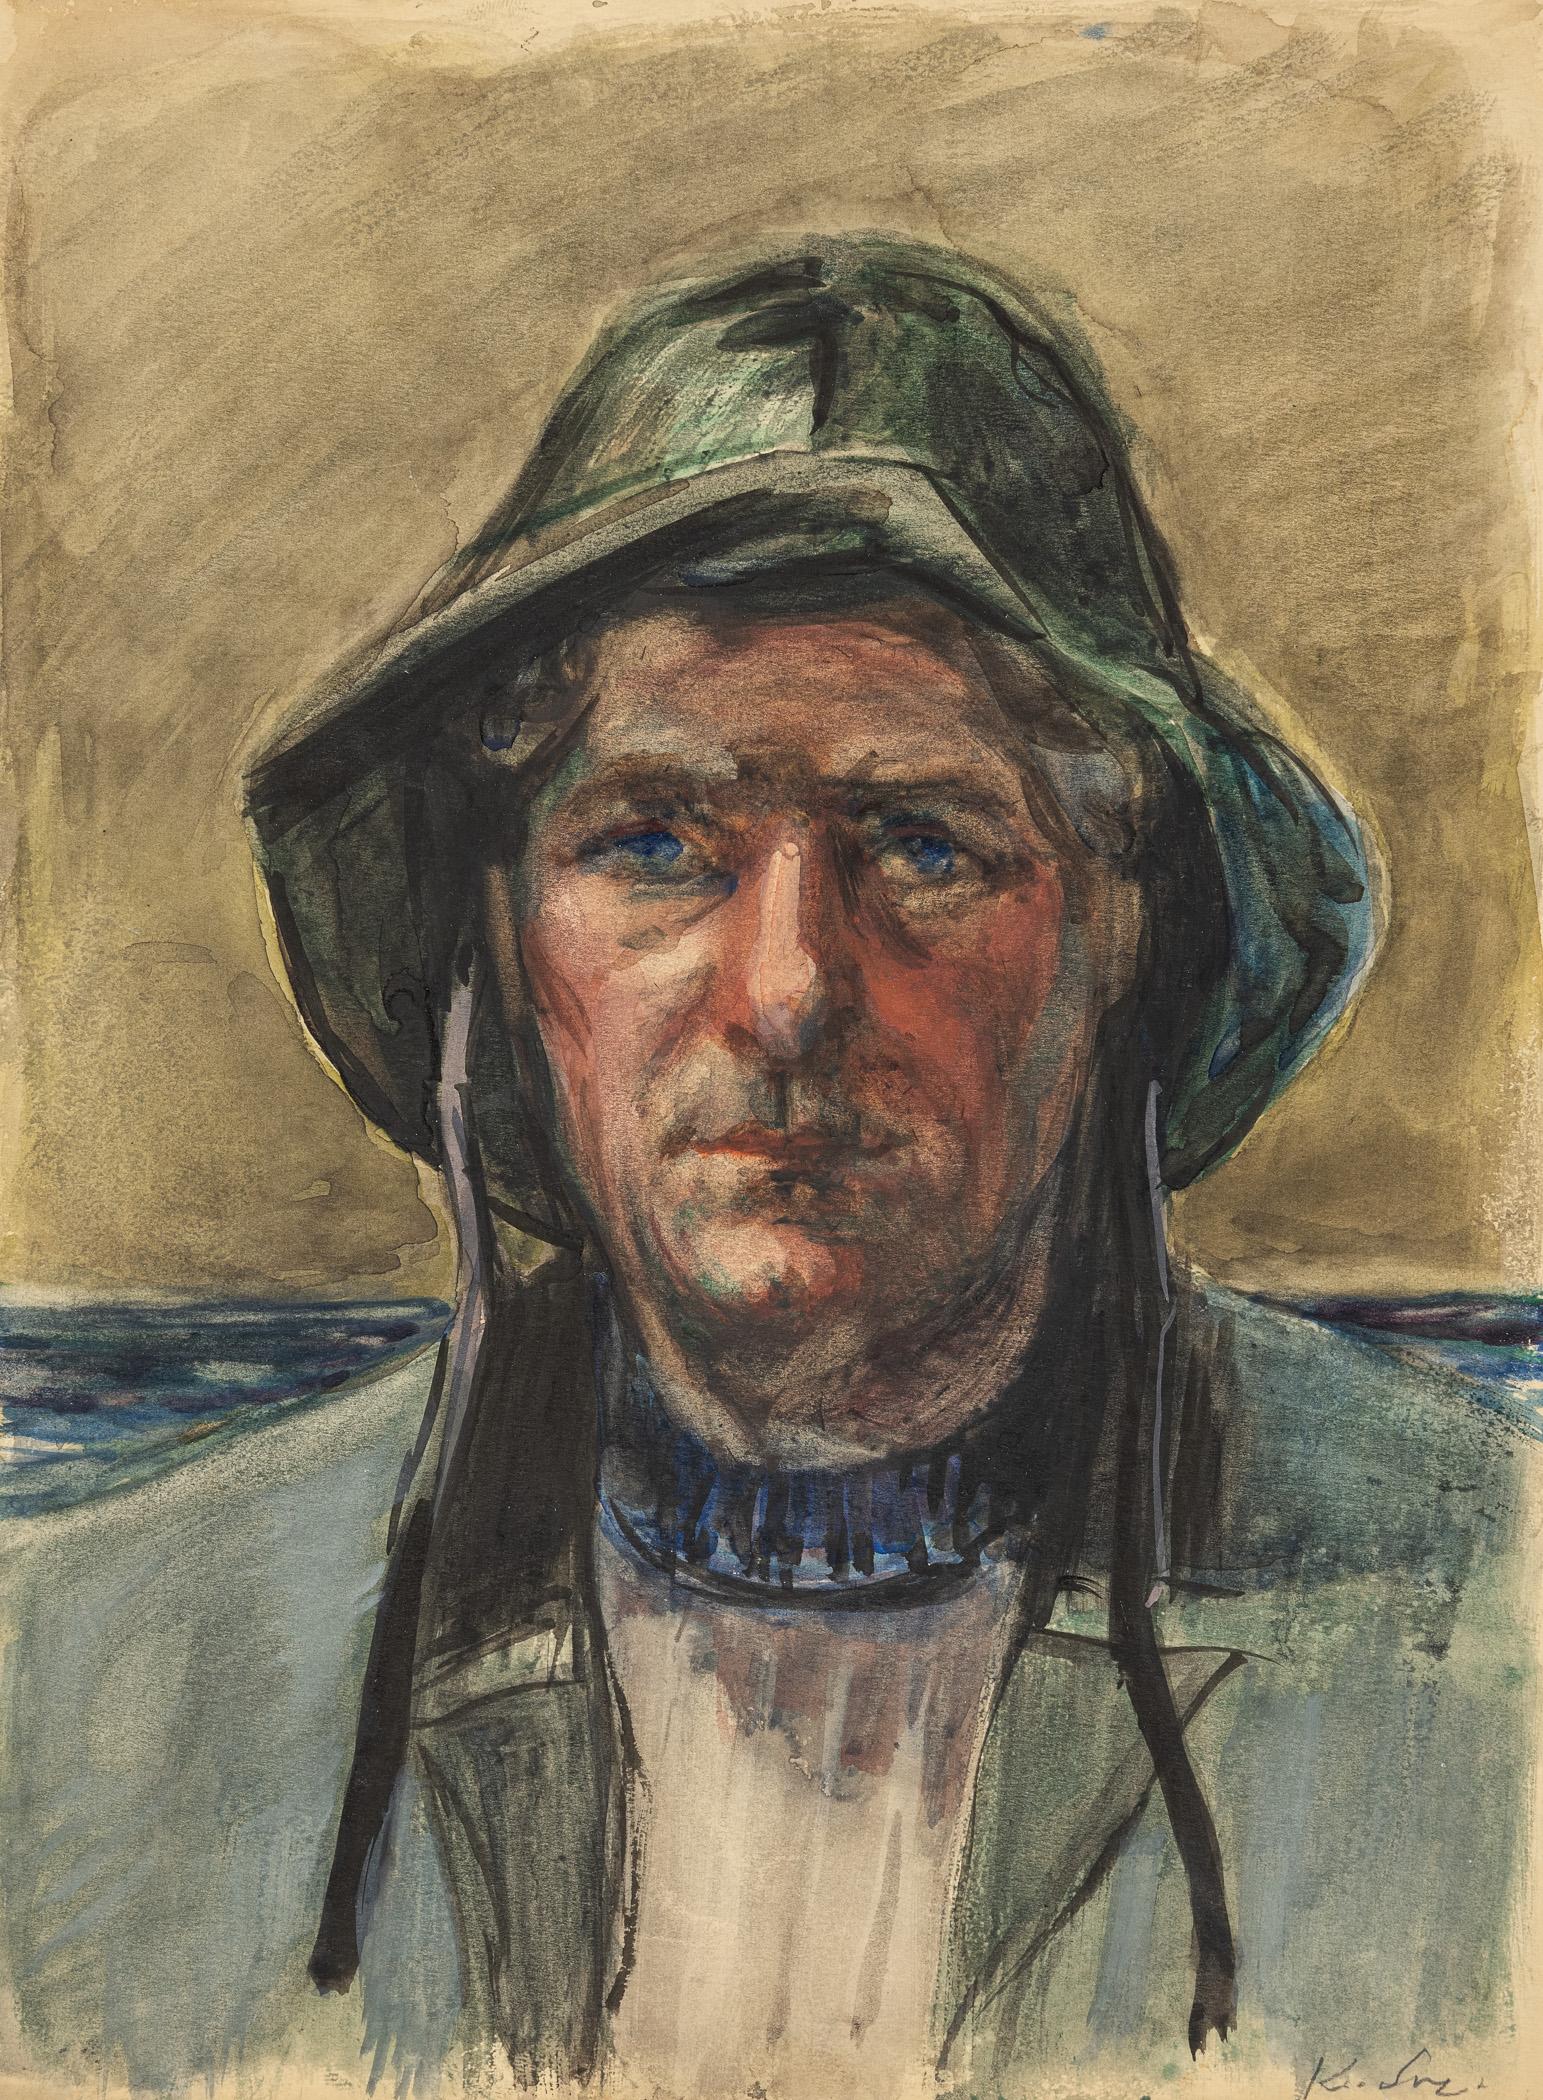 Portret rybaka, przełom lat 40. i 50. XX w.